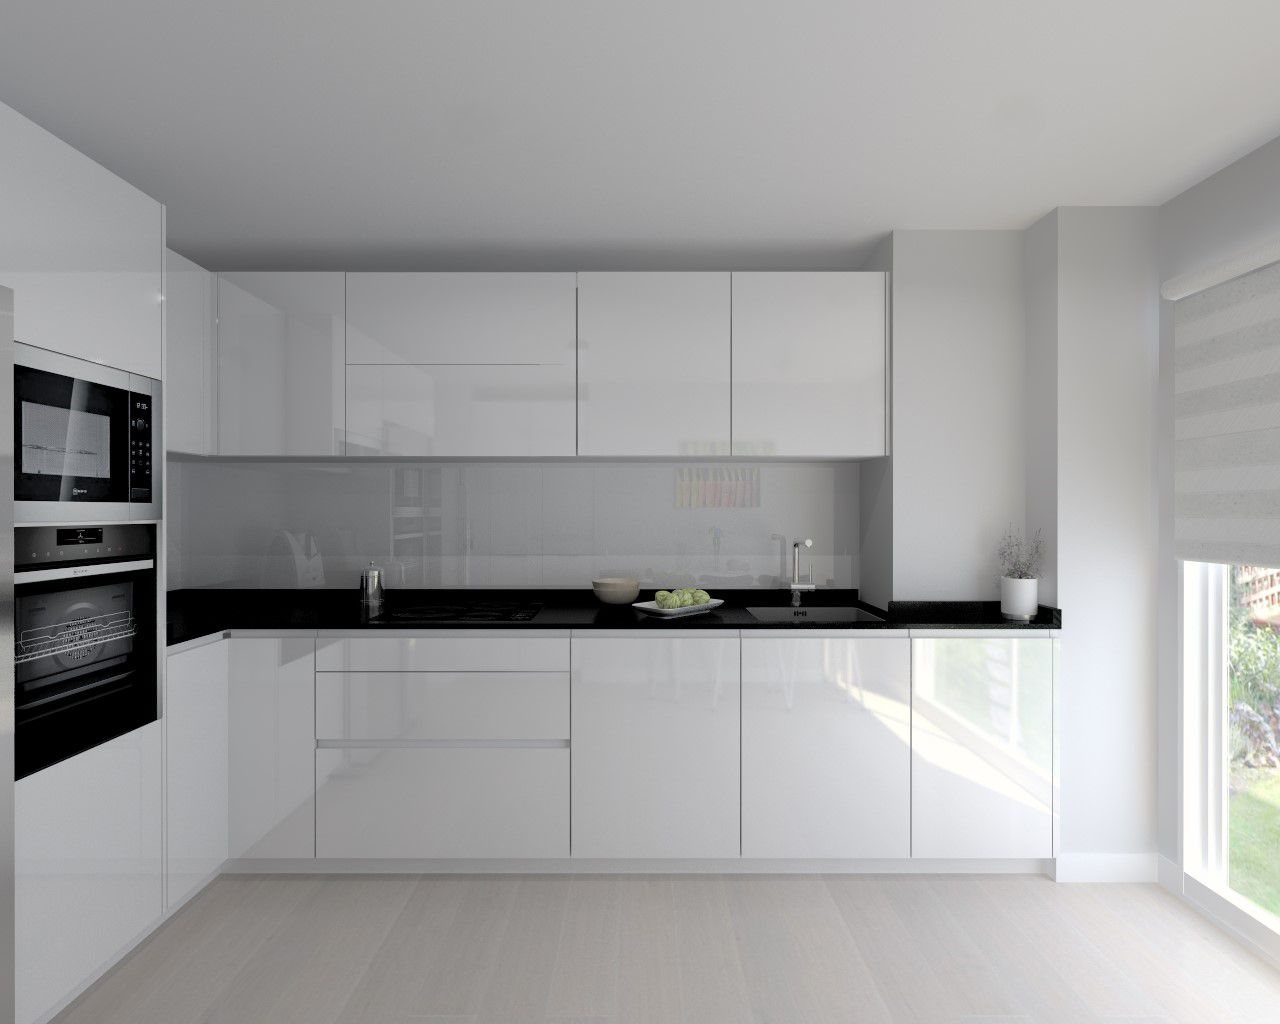 Cocina santos modelo line laminado blanco brillo encimera - Precio encimera granito ...